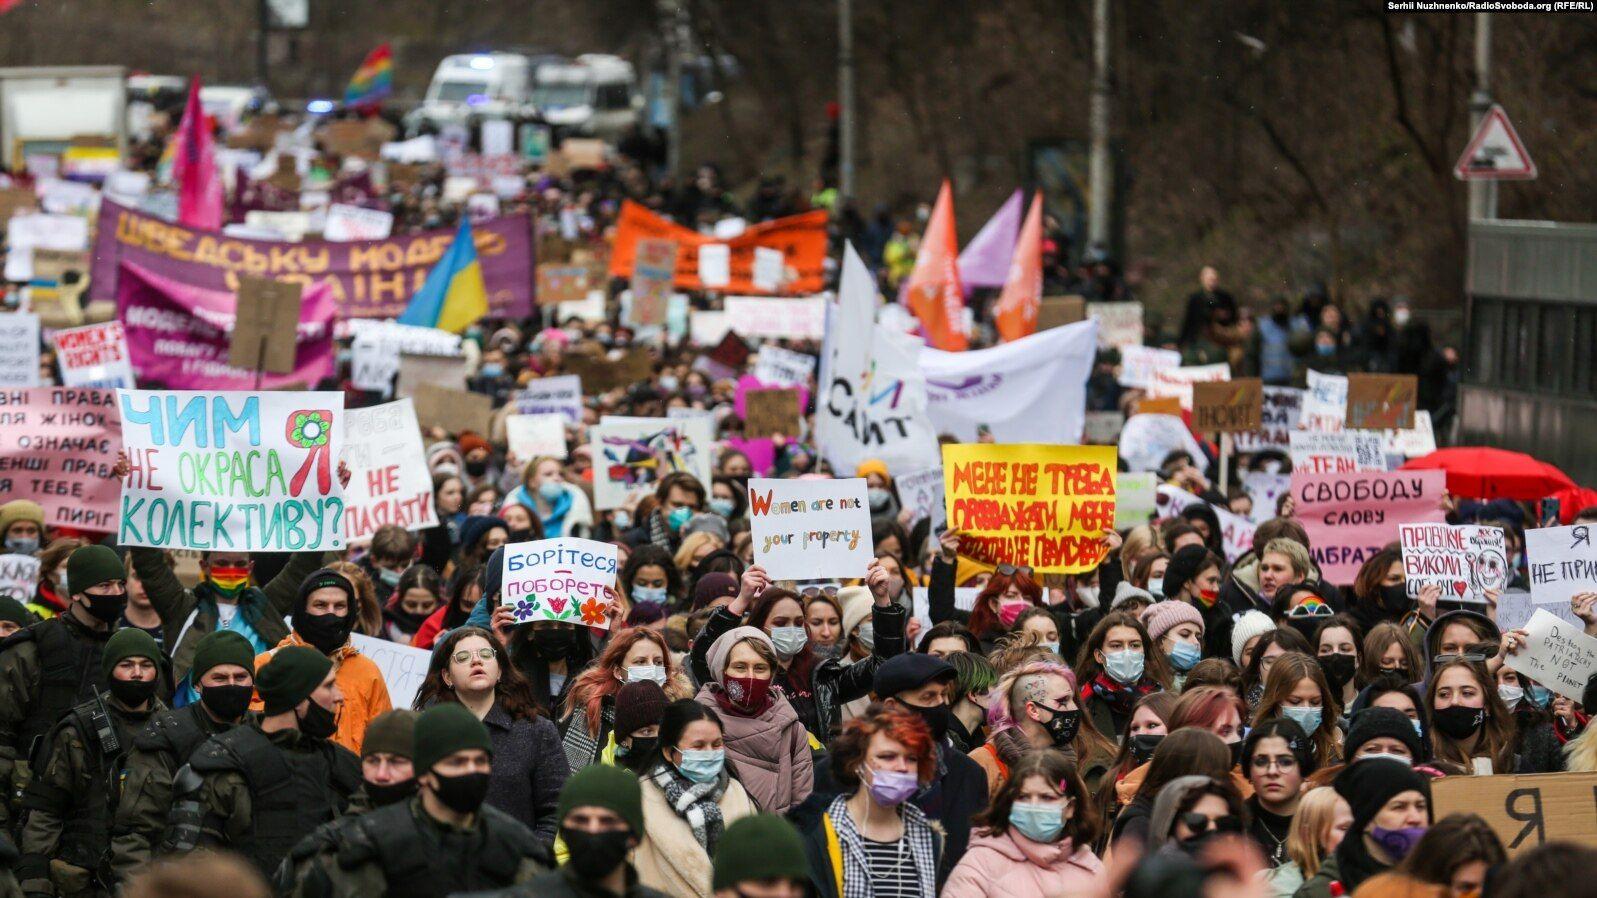 Фемінізм не на часі? Які міфи про гендерну рівність поширюють українські політики й публічні люди